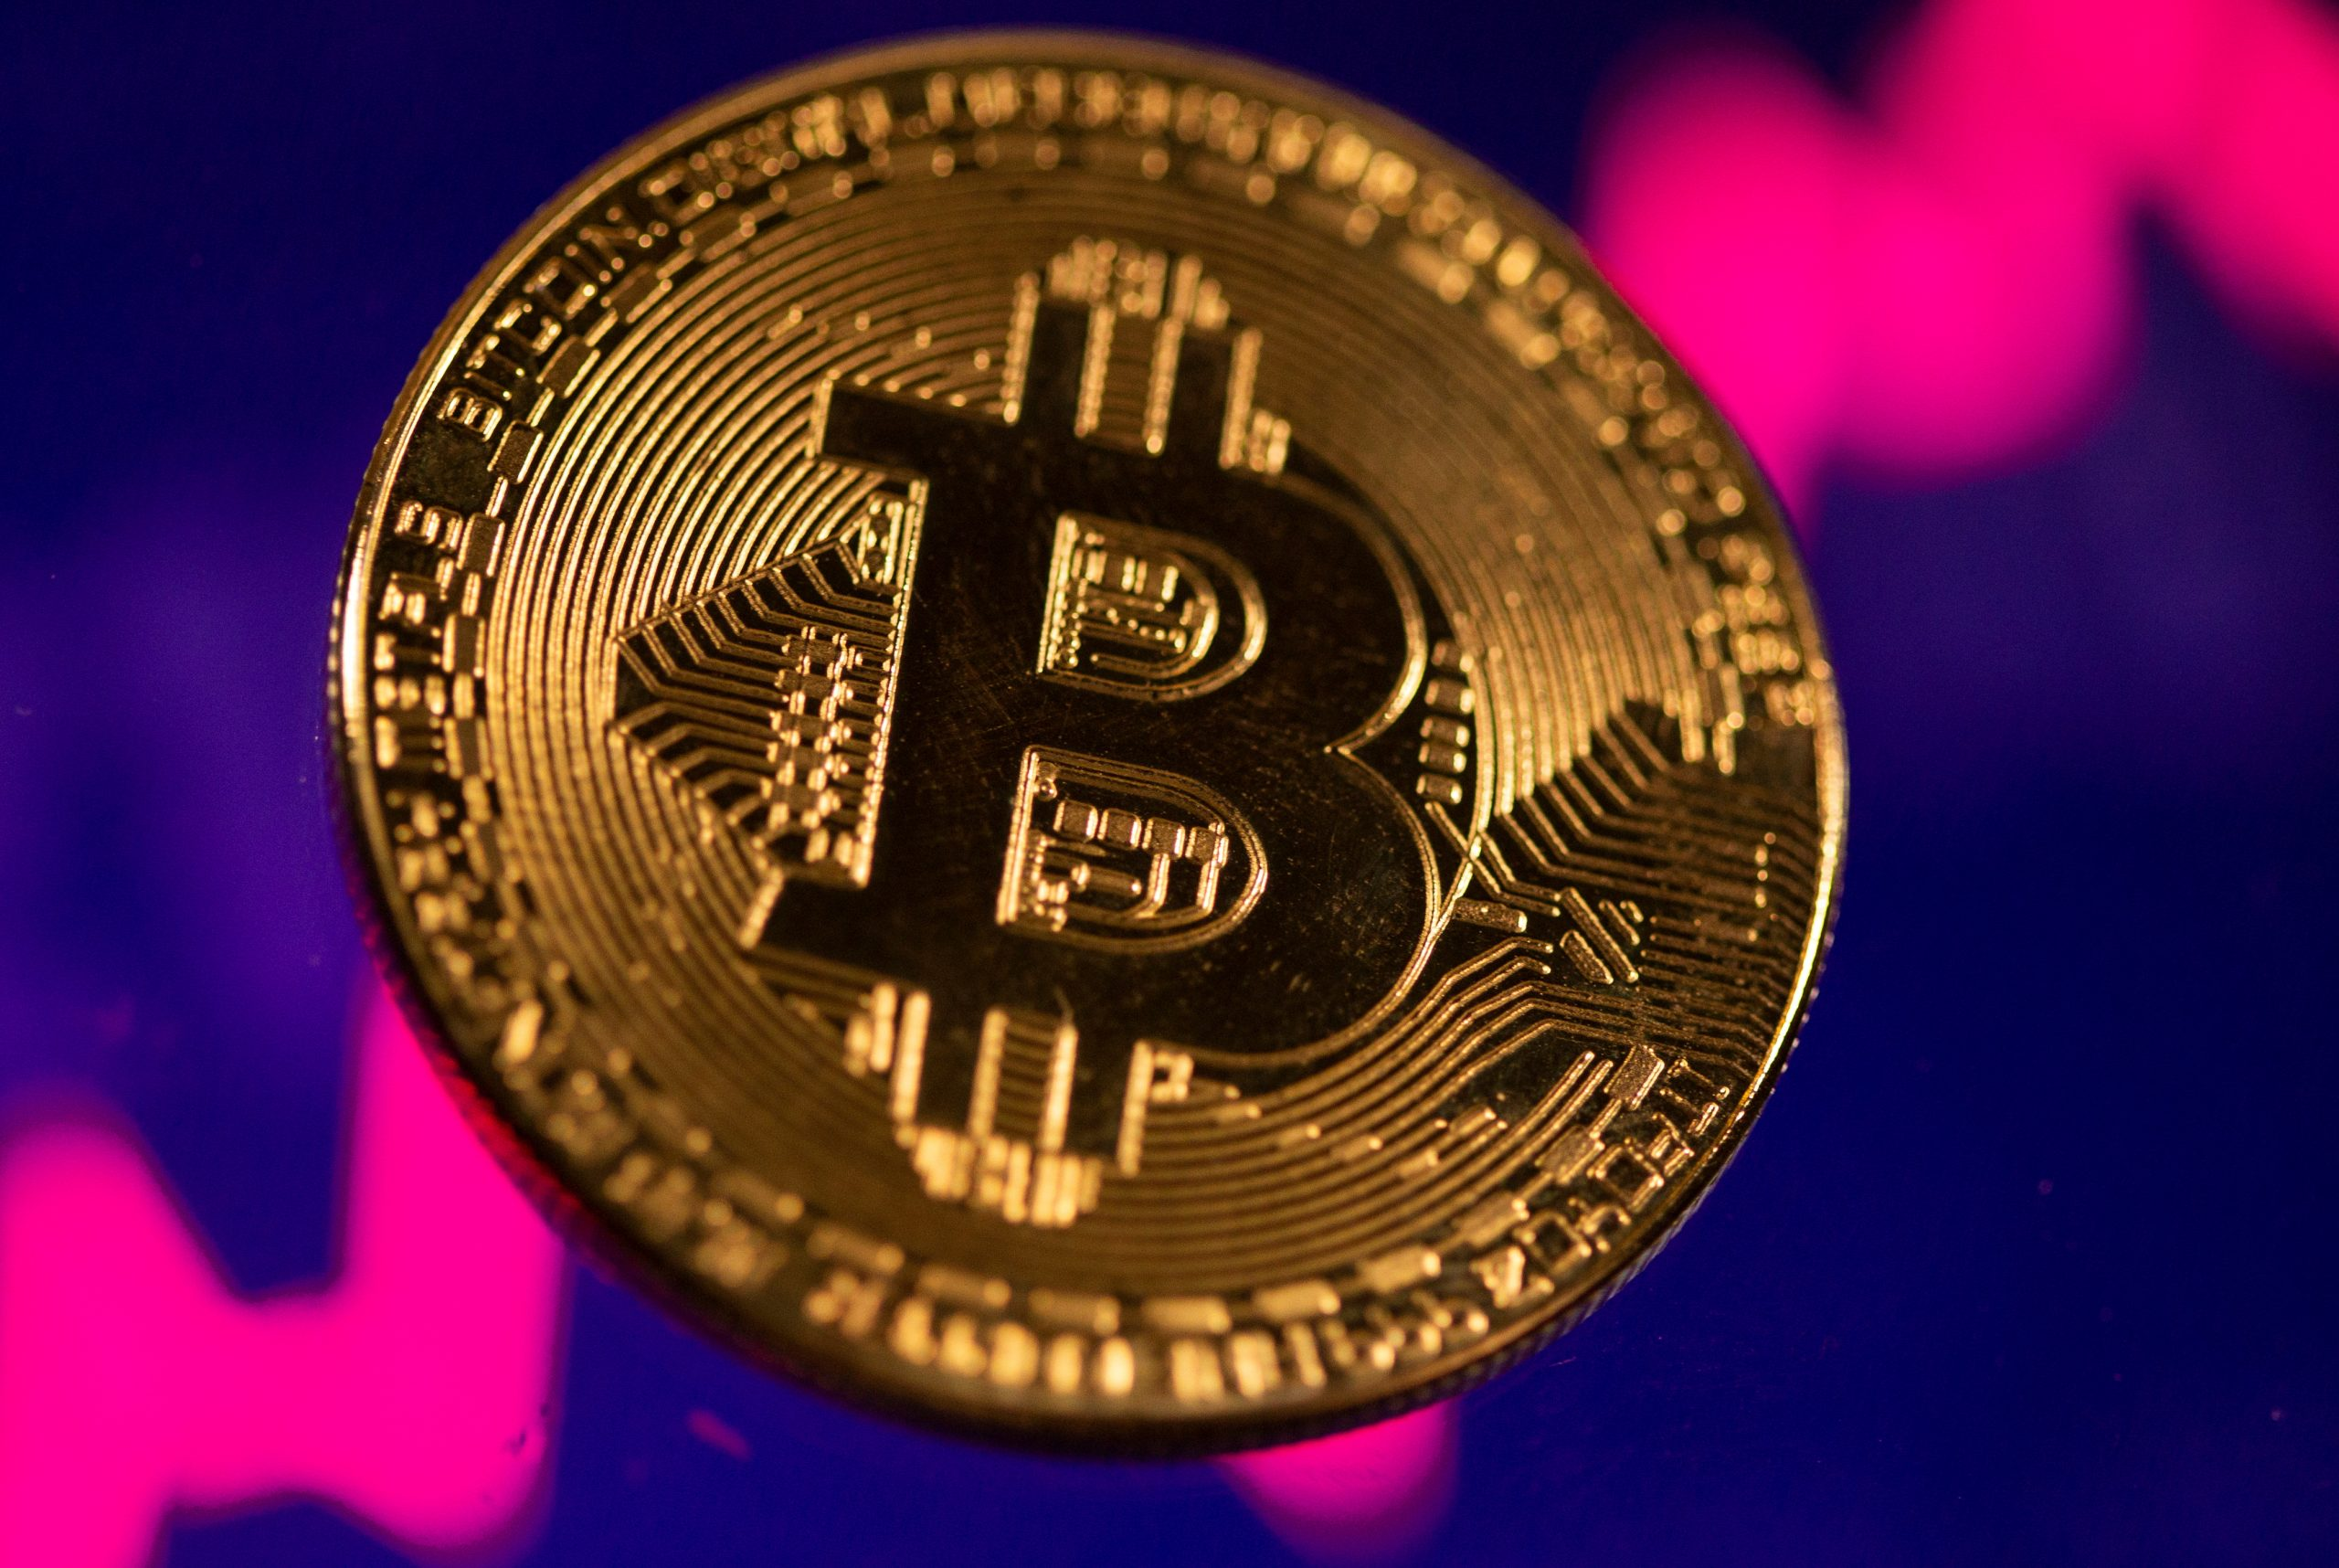 Bitcoin pëson rënie prej 18 për qind brenda një jave